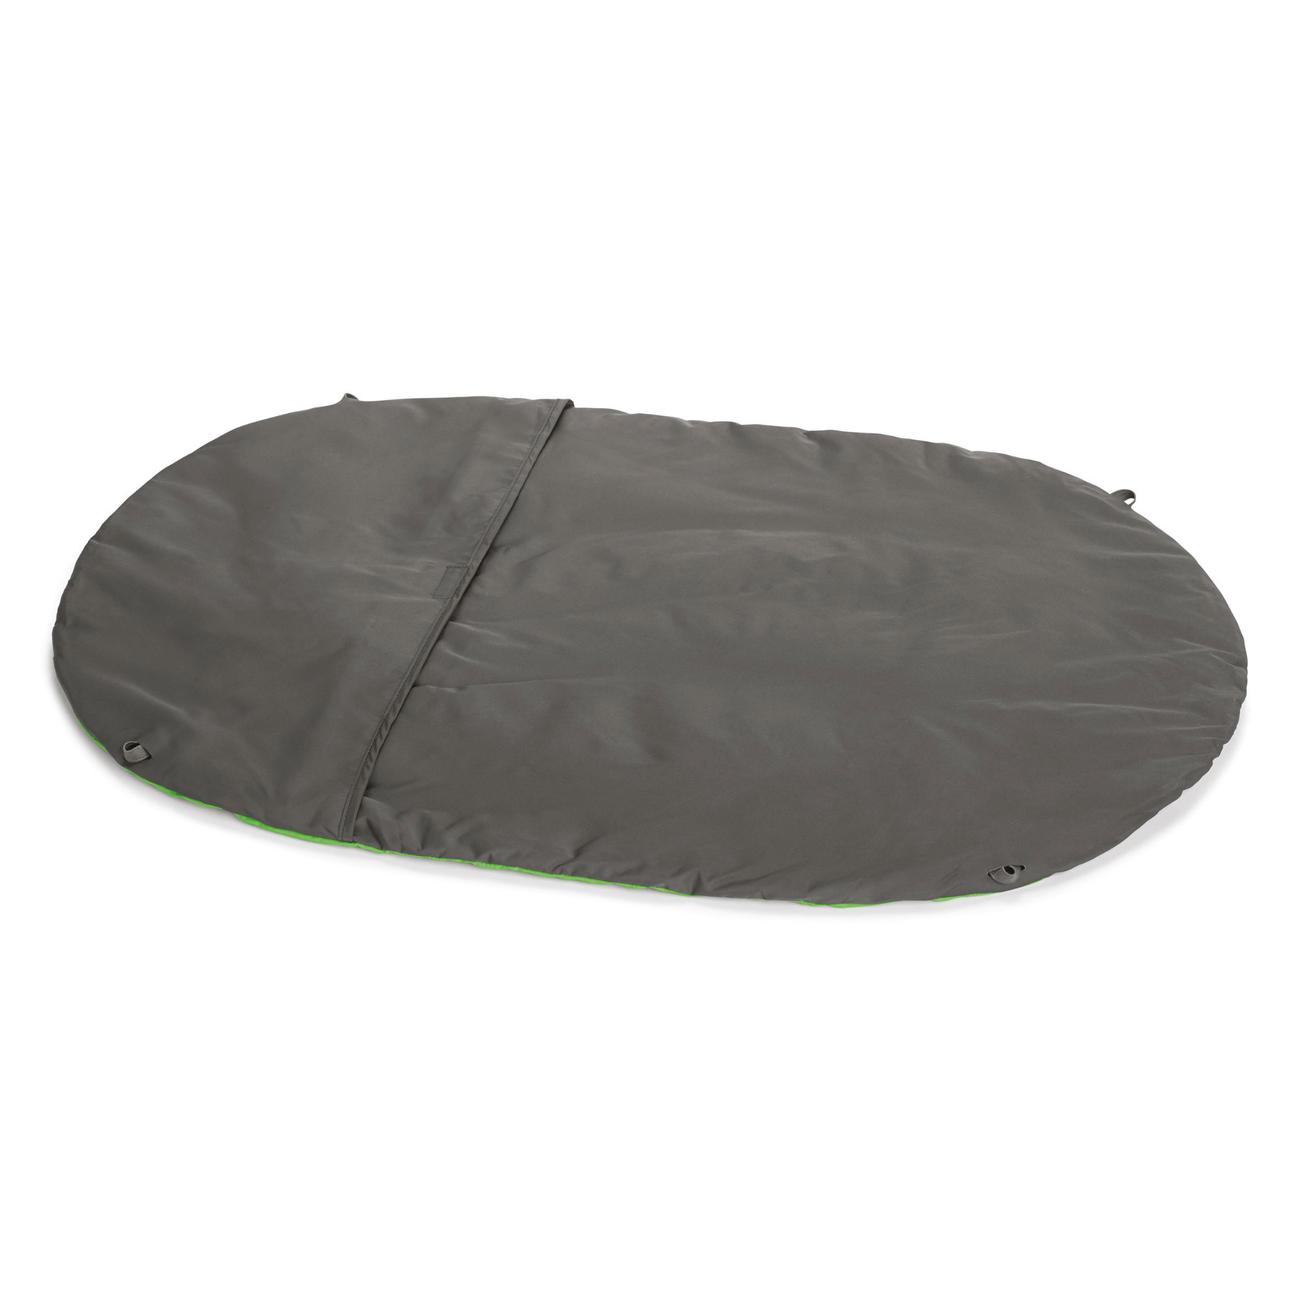 Ruffwear Hundebett Highlands Bed für Outdoor, Bild 5